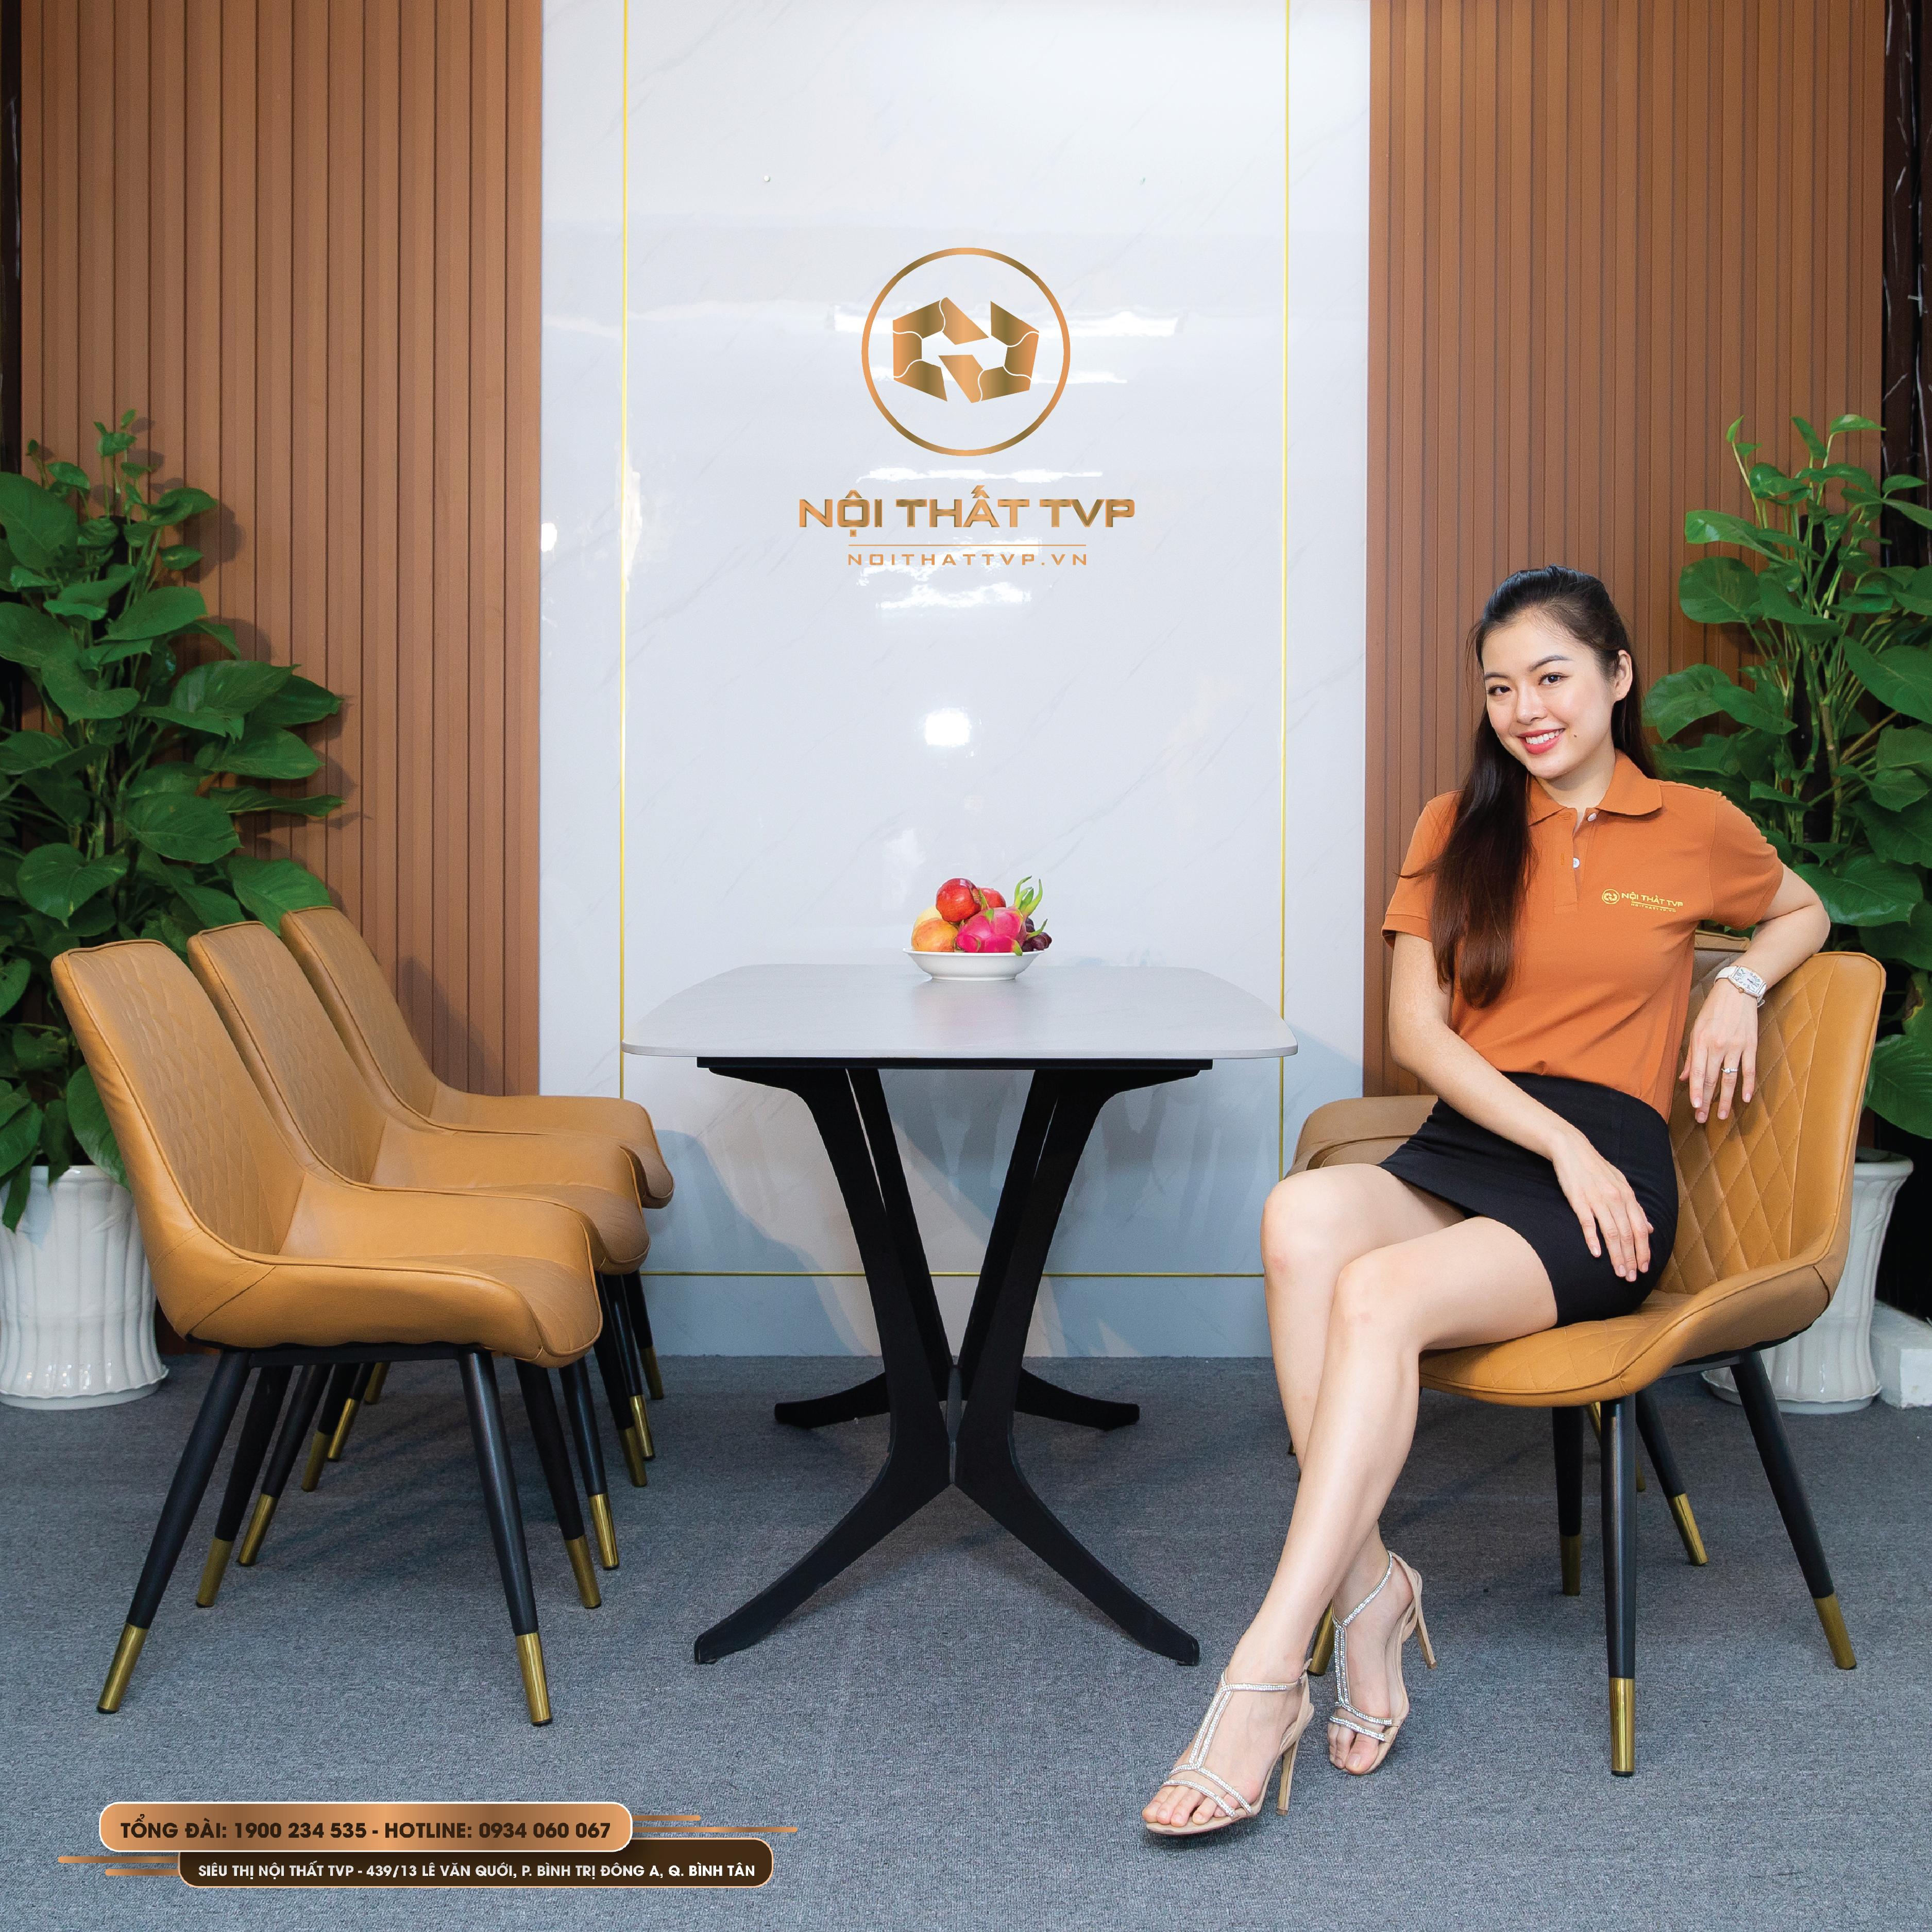 Bộ bàn ăn 6 ghế nhập khẩu mặt bàn ceramic